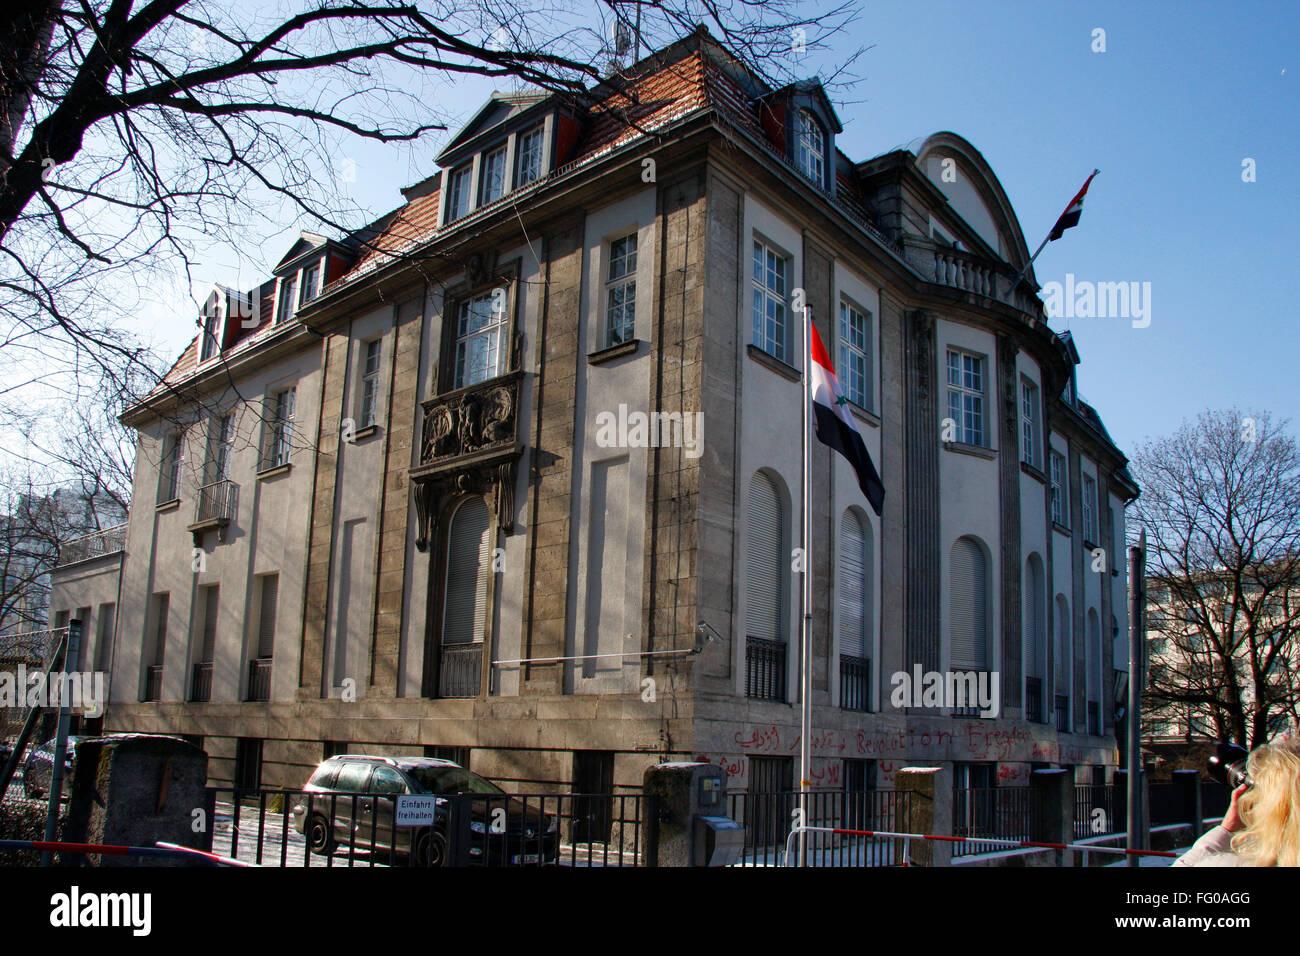 syrische Botschaft, Berlin-Tiergarten /Embassy of Syria, Berlin. - Stock Image